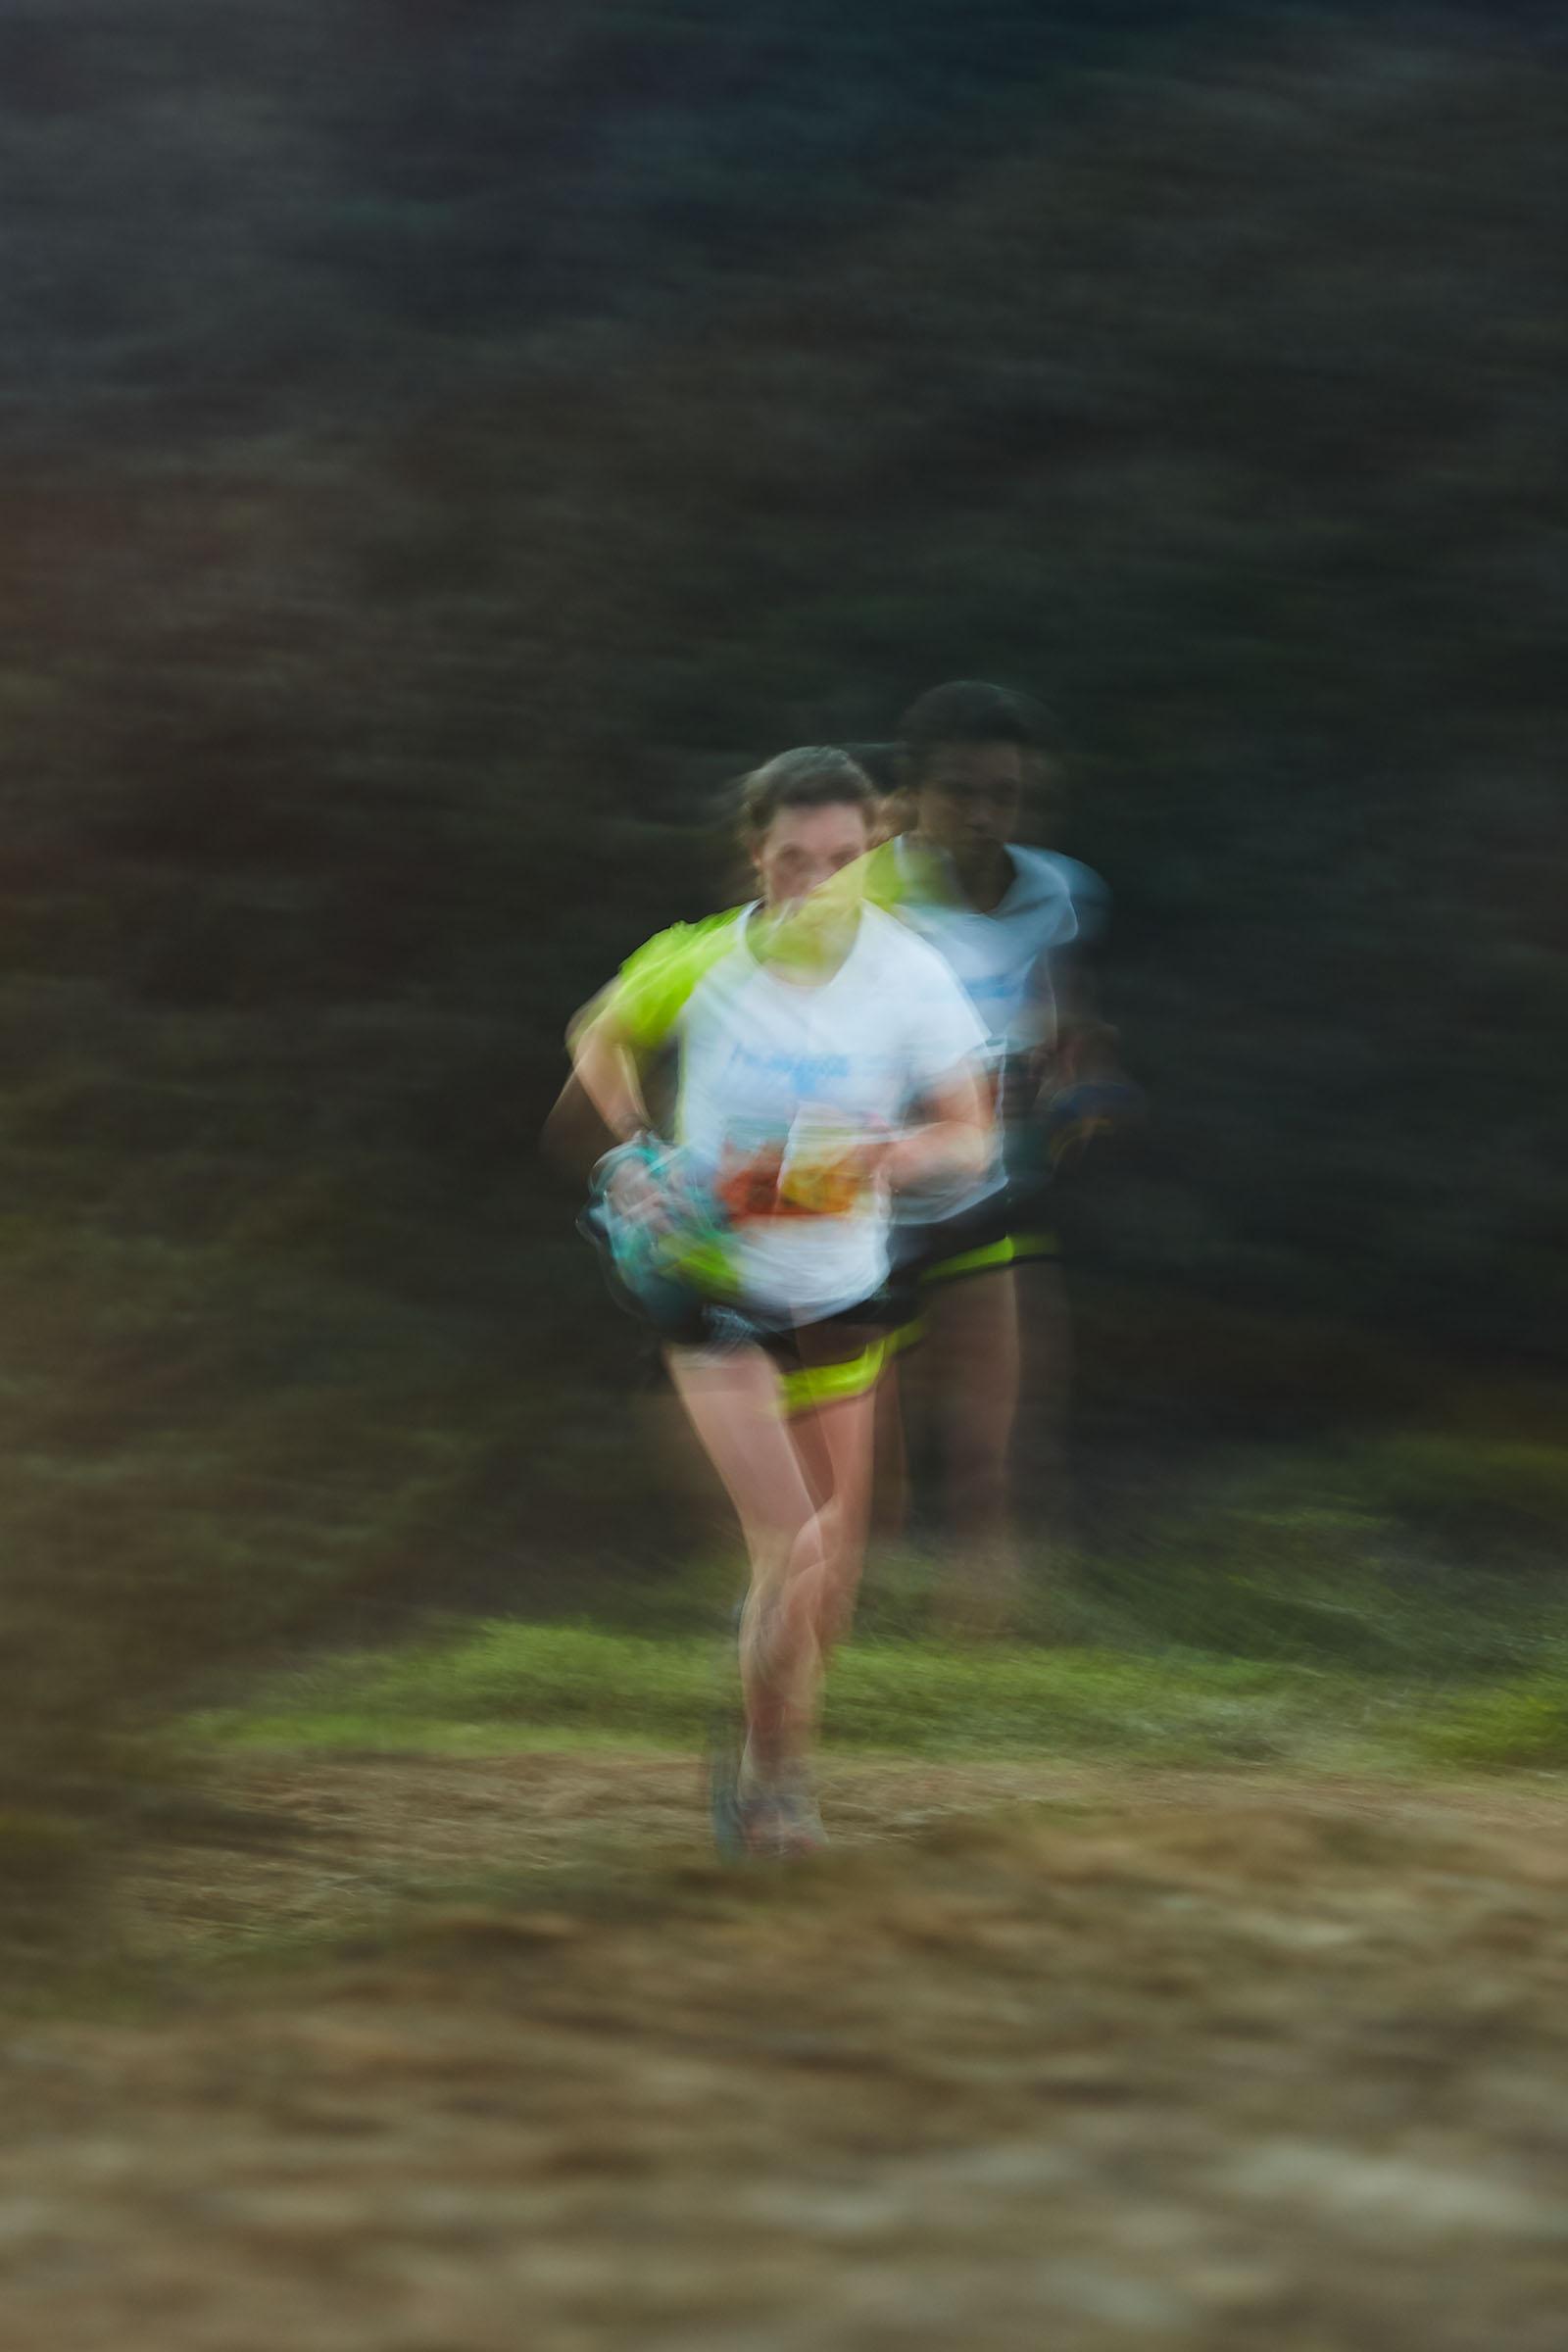 TEST-endurance-1 148.jpg